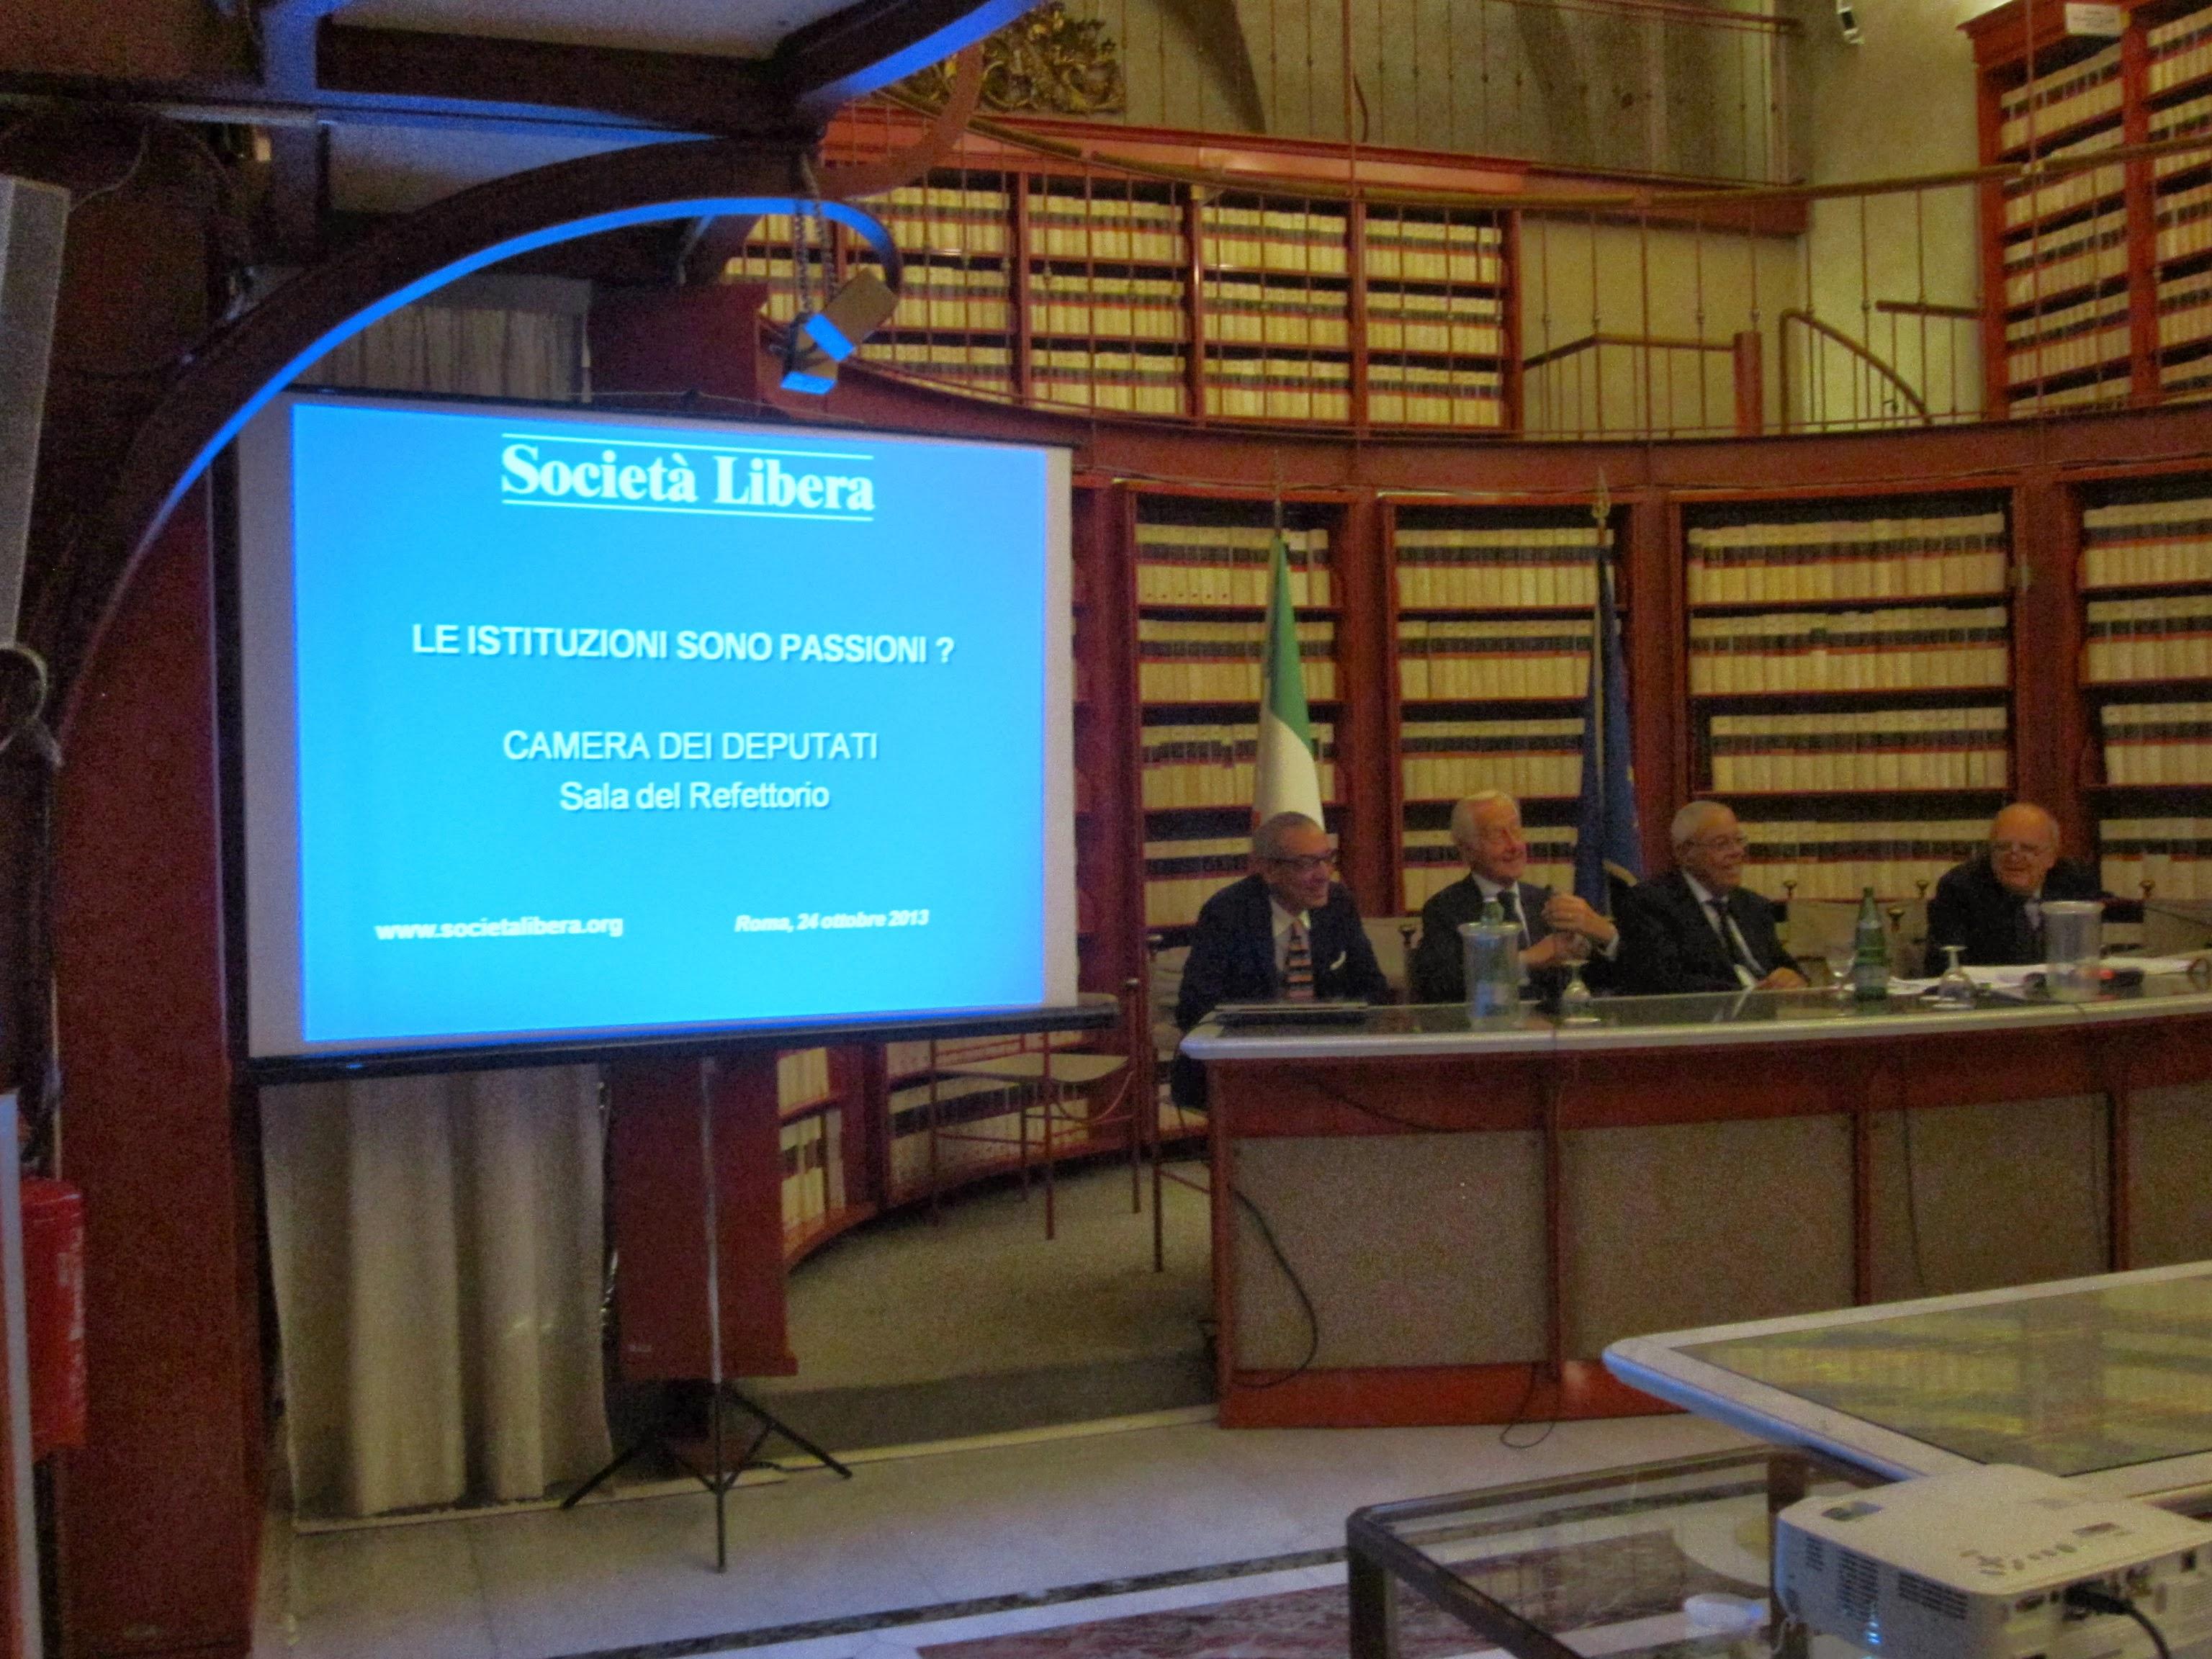 Roma, Convegno Le Istituzioni sono passioni, 24 ottobre 2013